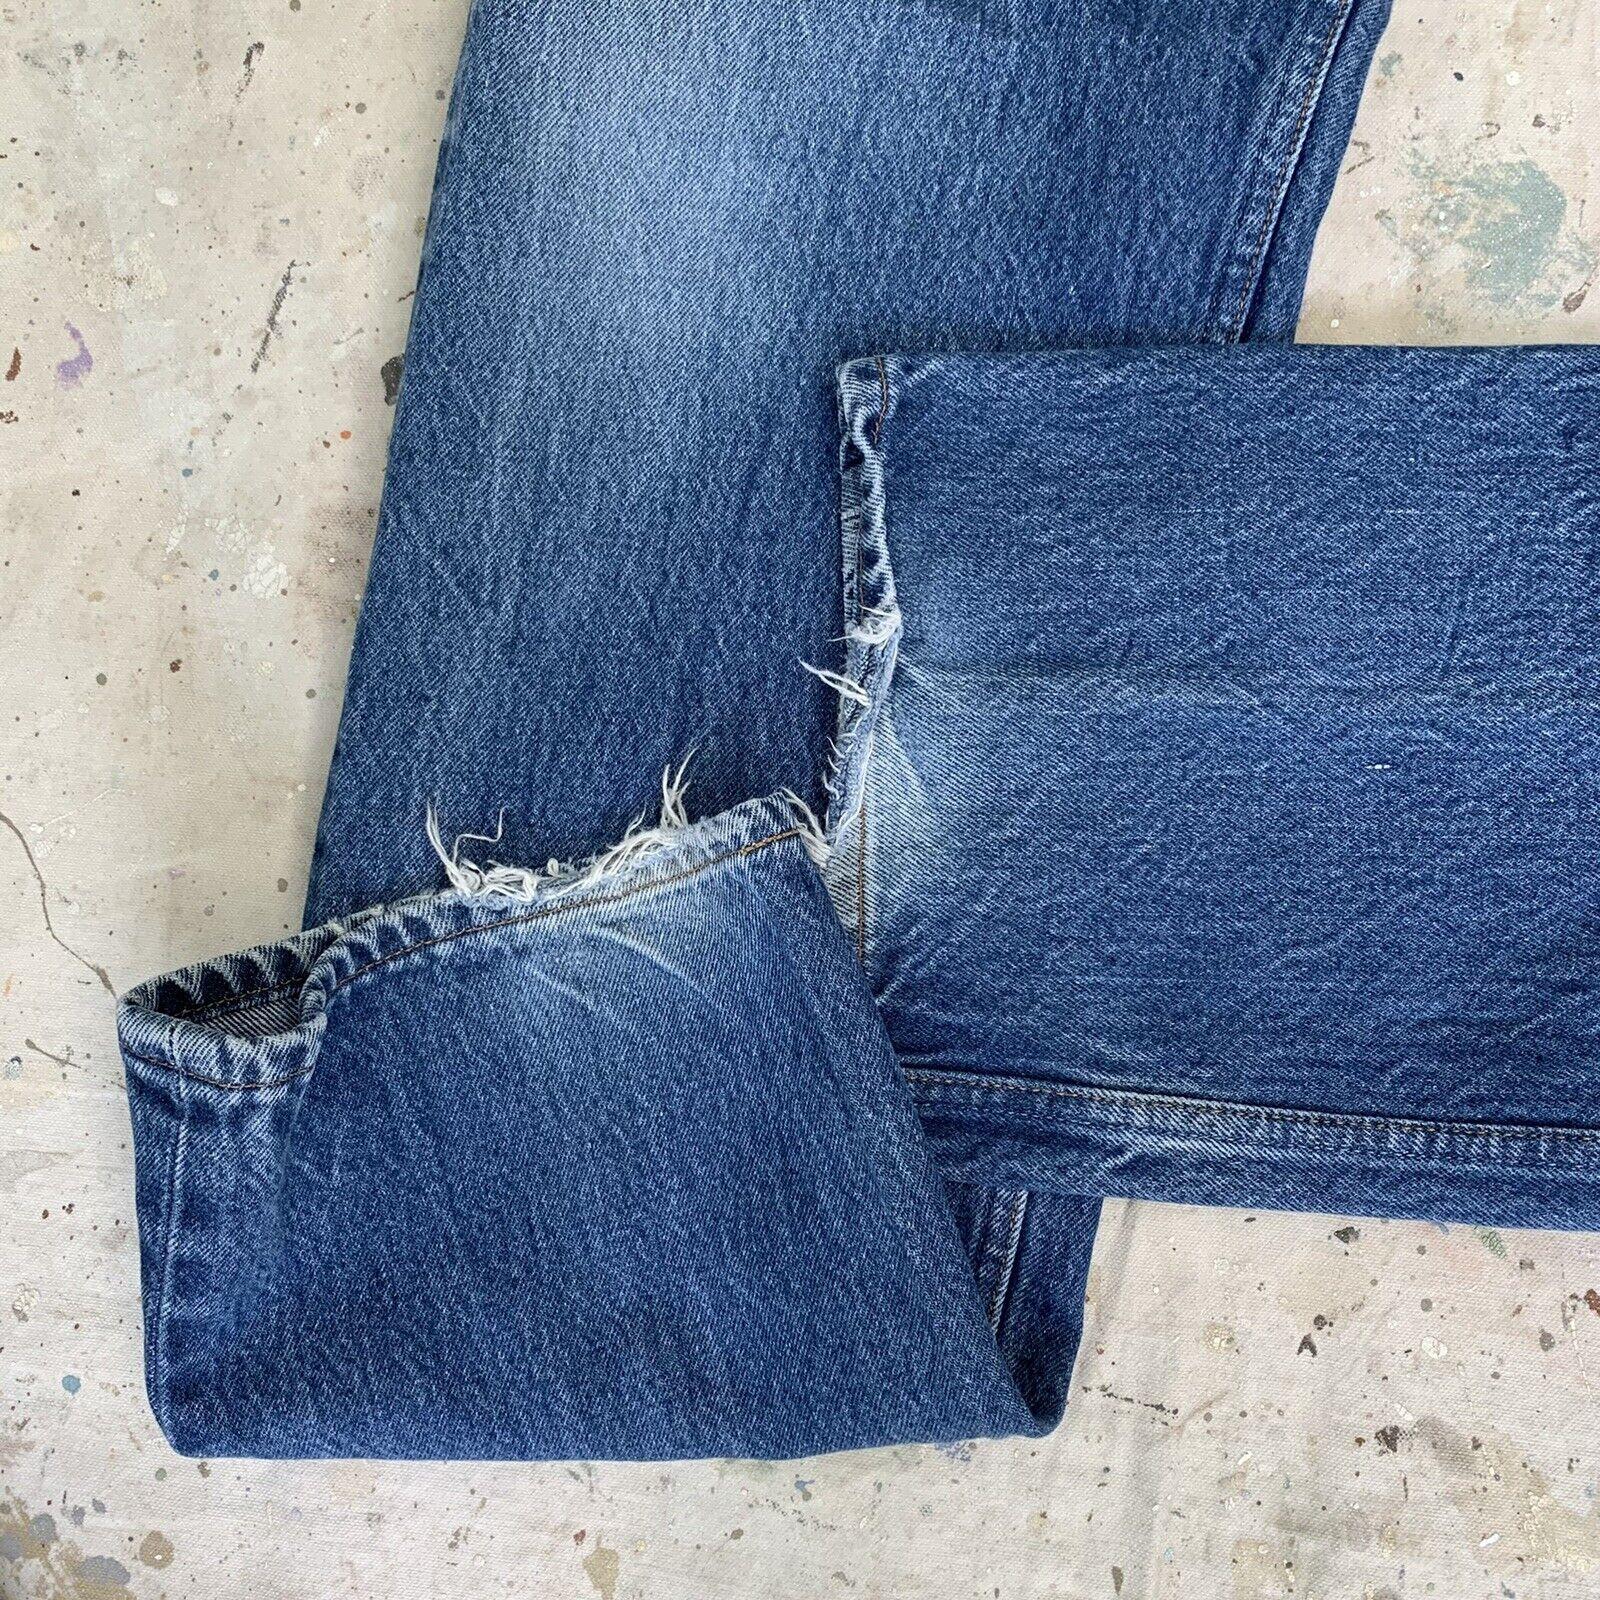 Vintage 90s Levis 501 Jeans Mens 36x36 - image 3